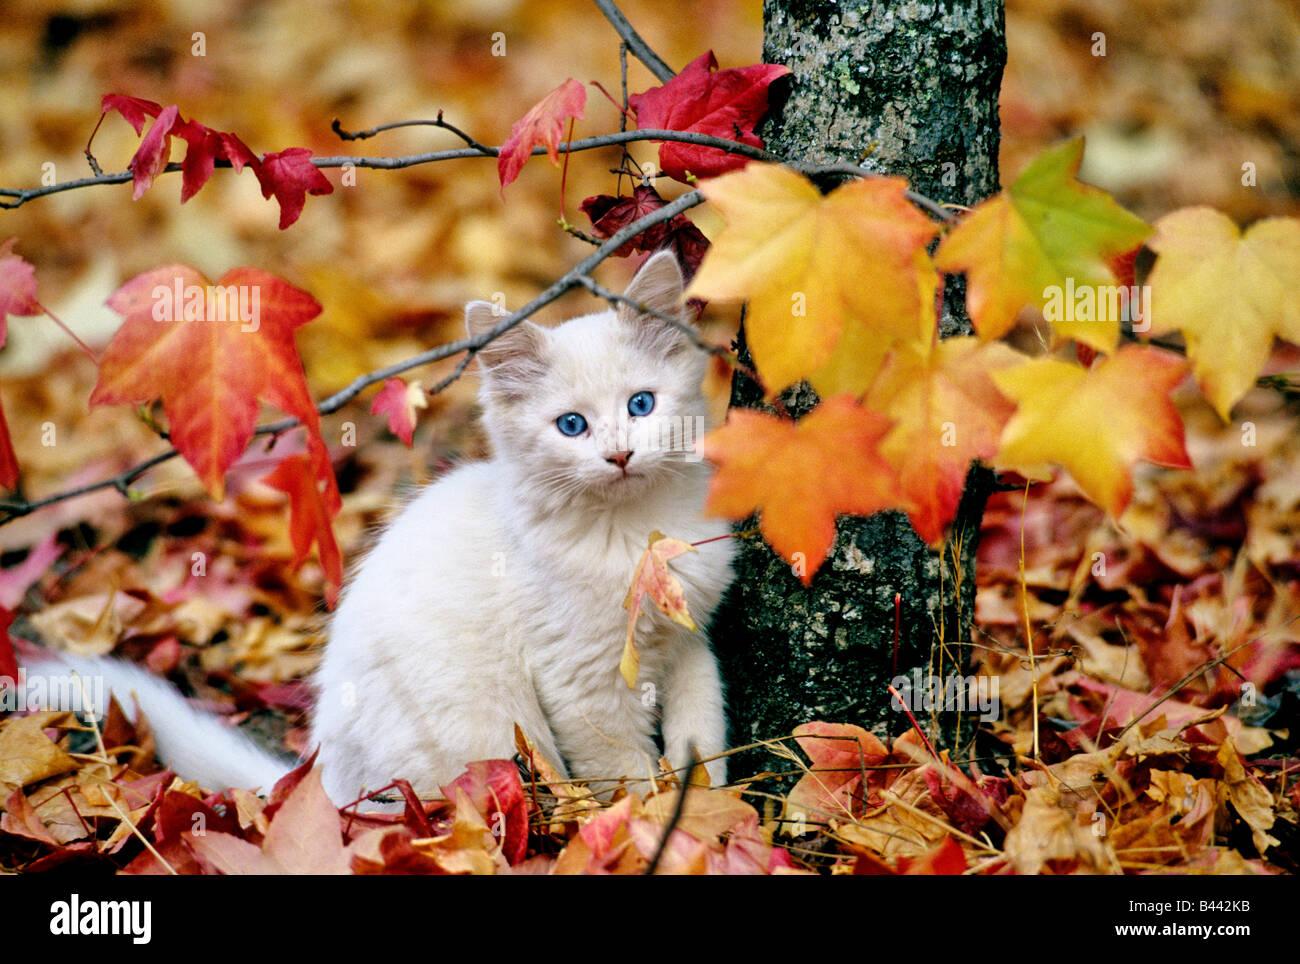 I capretti gattino e colorati di caduta delle foglie. Immagini Stock